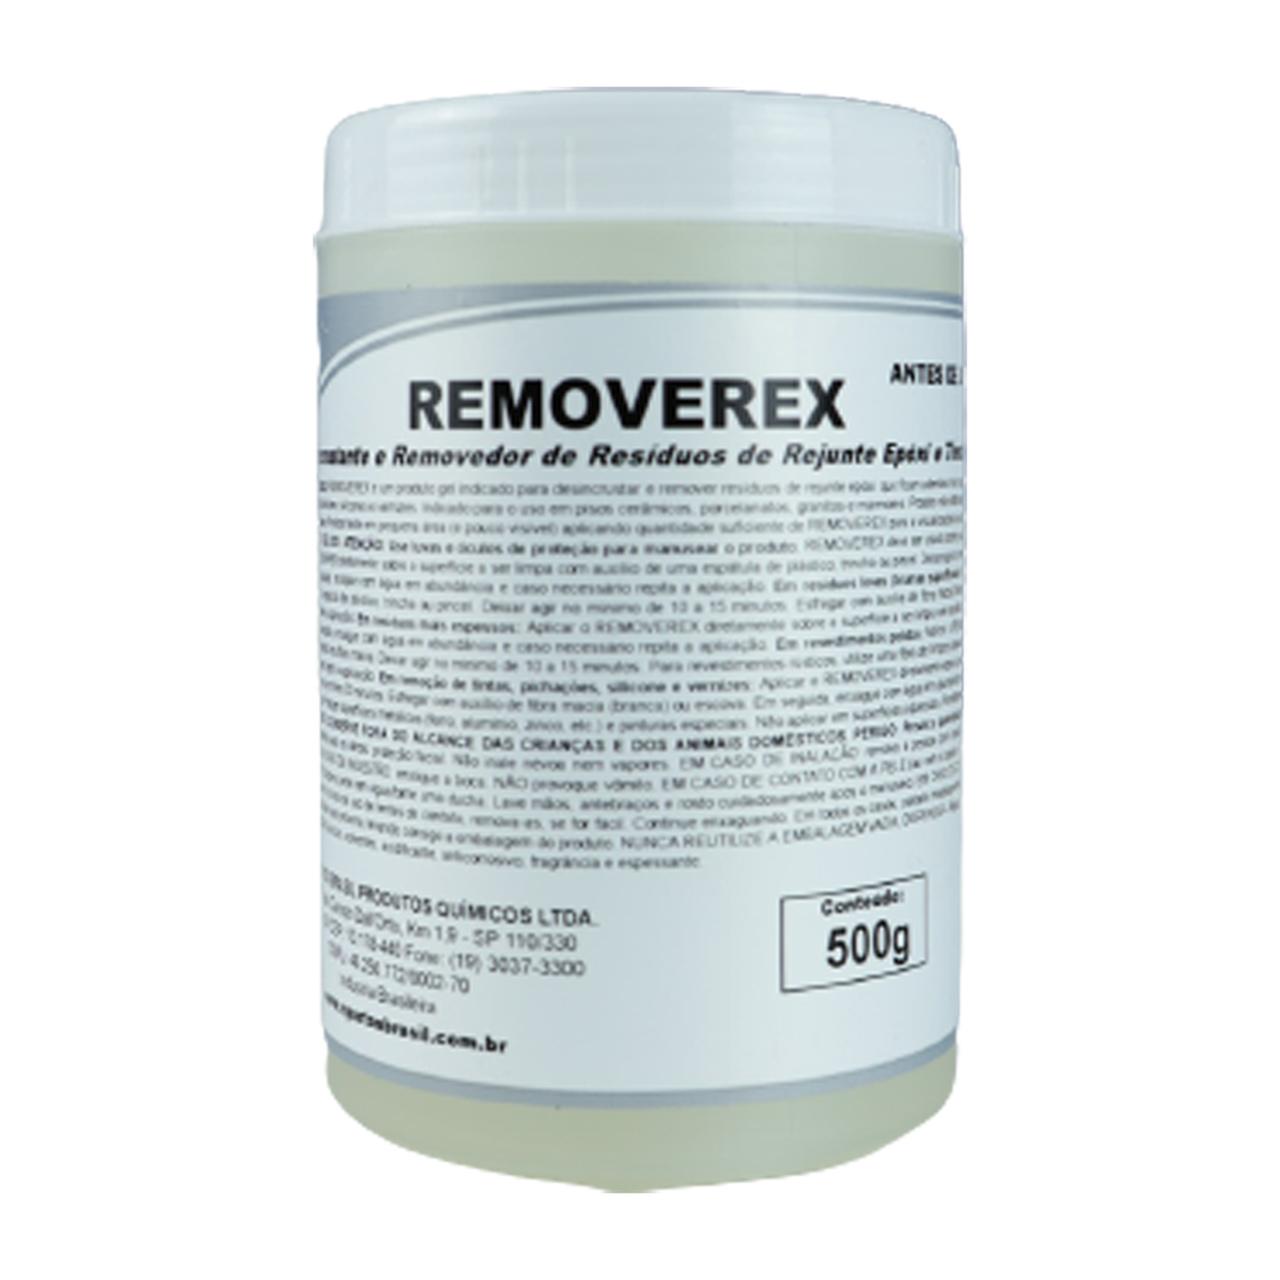 Desincrustante e Removedor de Resíduos de Rejunte Removerex